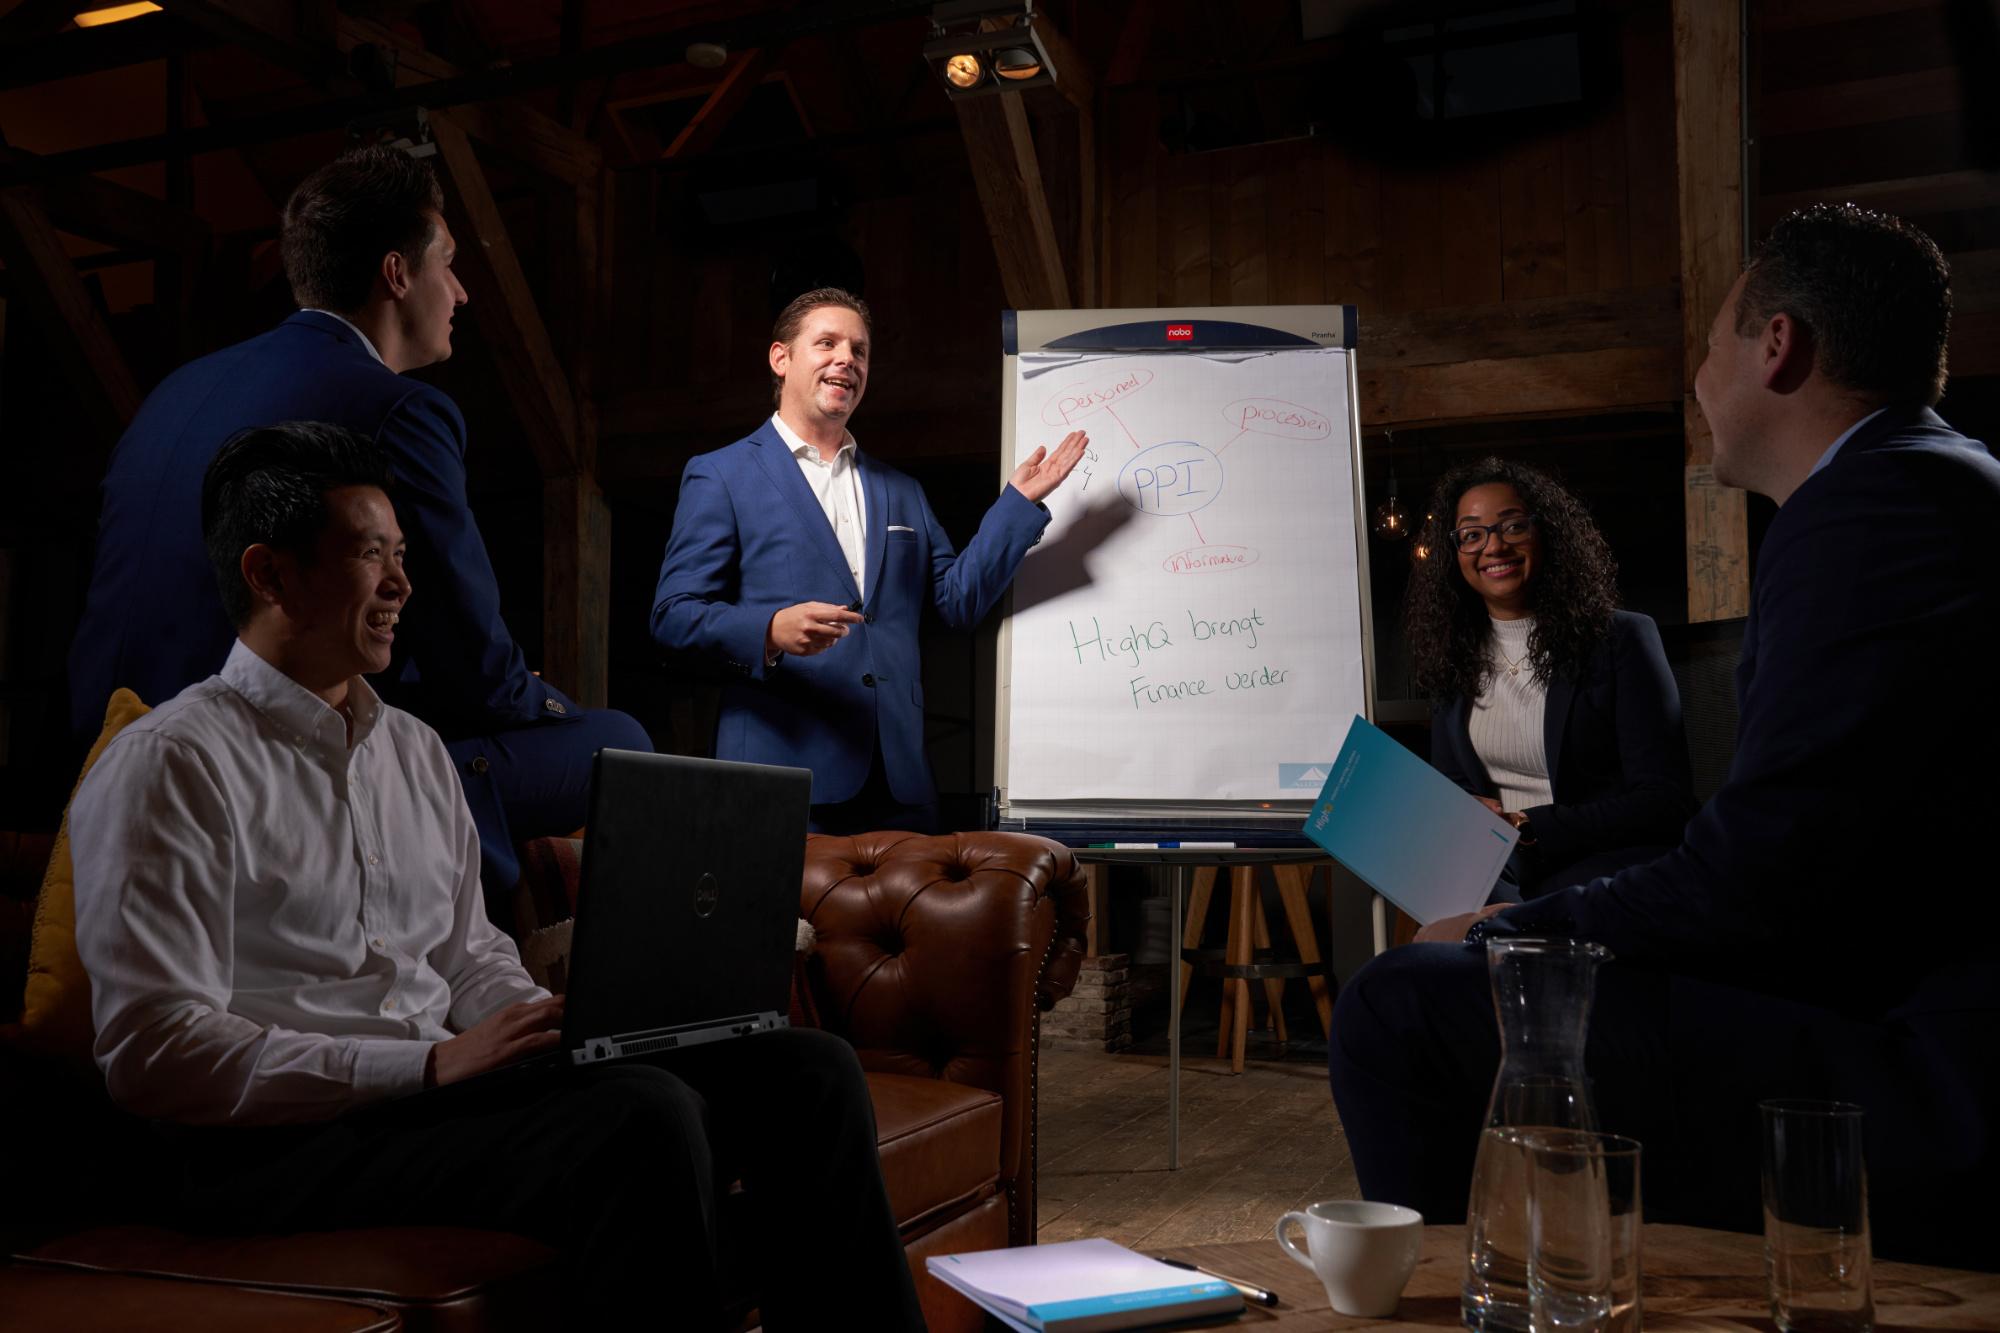 Om je organisatie aan te sturen, heb je actuele en betrouwbare informatie nodig. Je wilt in één oogopslag zien waar het goed gaat en waar het beter kan. HighQ zorgt voor heldere en bruikbare managementinformatie. Zodat je uit de enorme hoeveelheid data precies de goede inzichten op tafel krijgt.